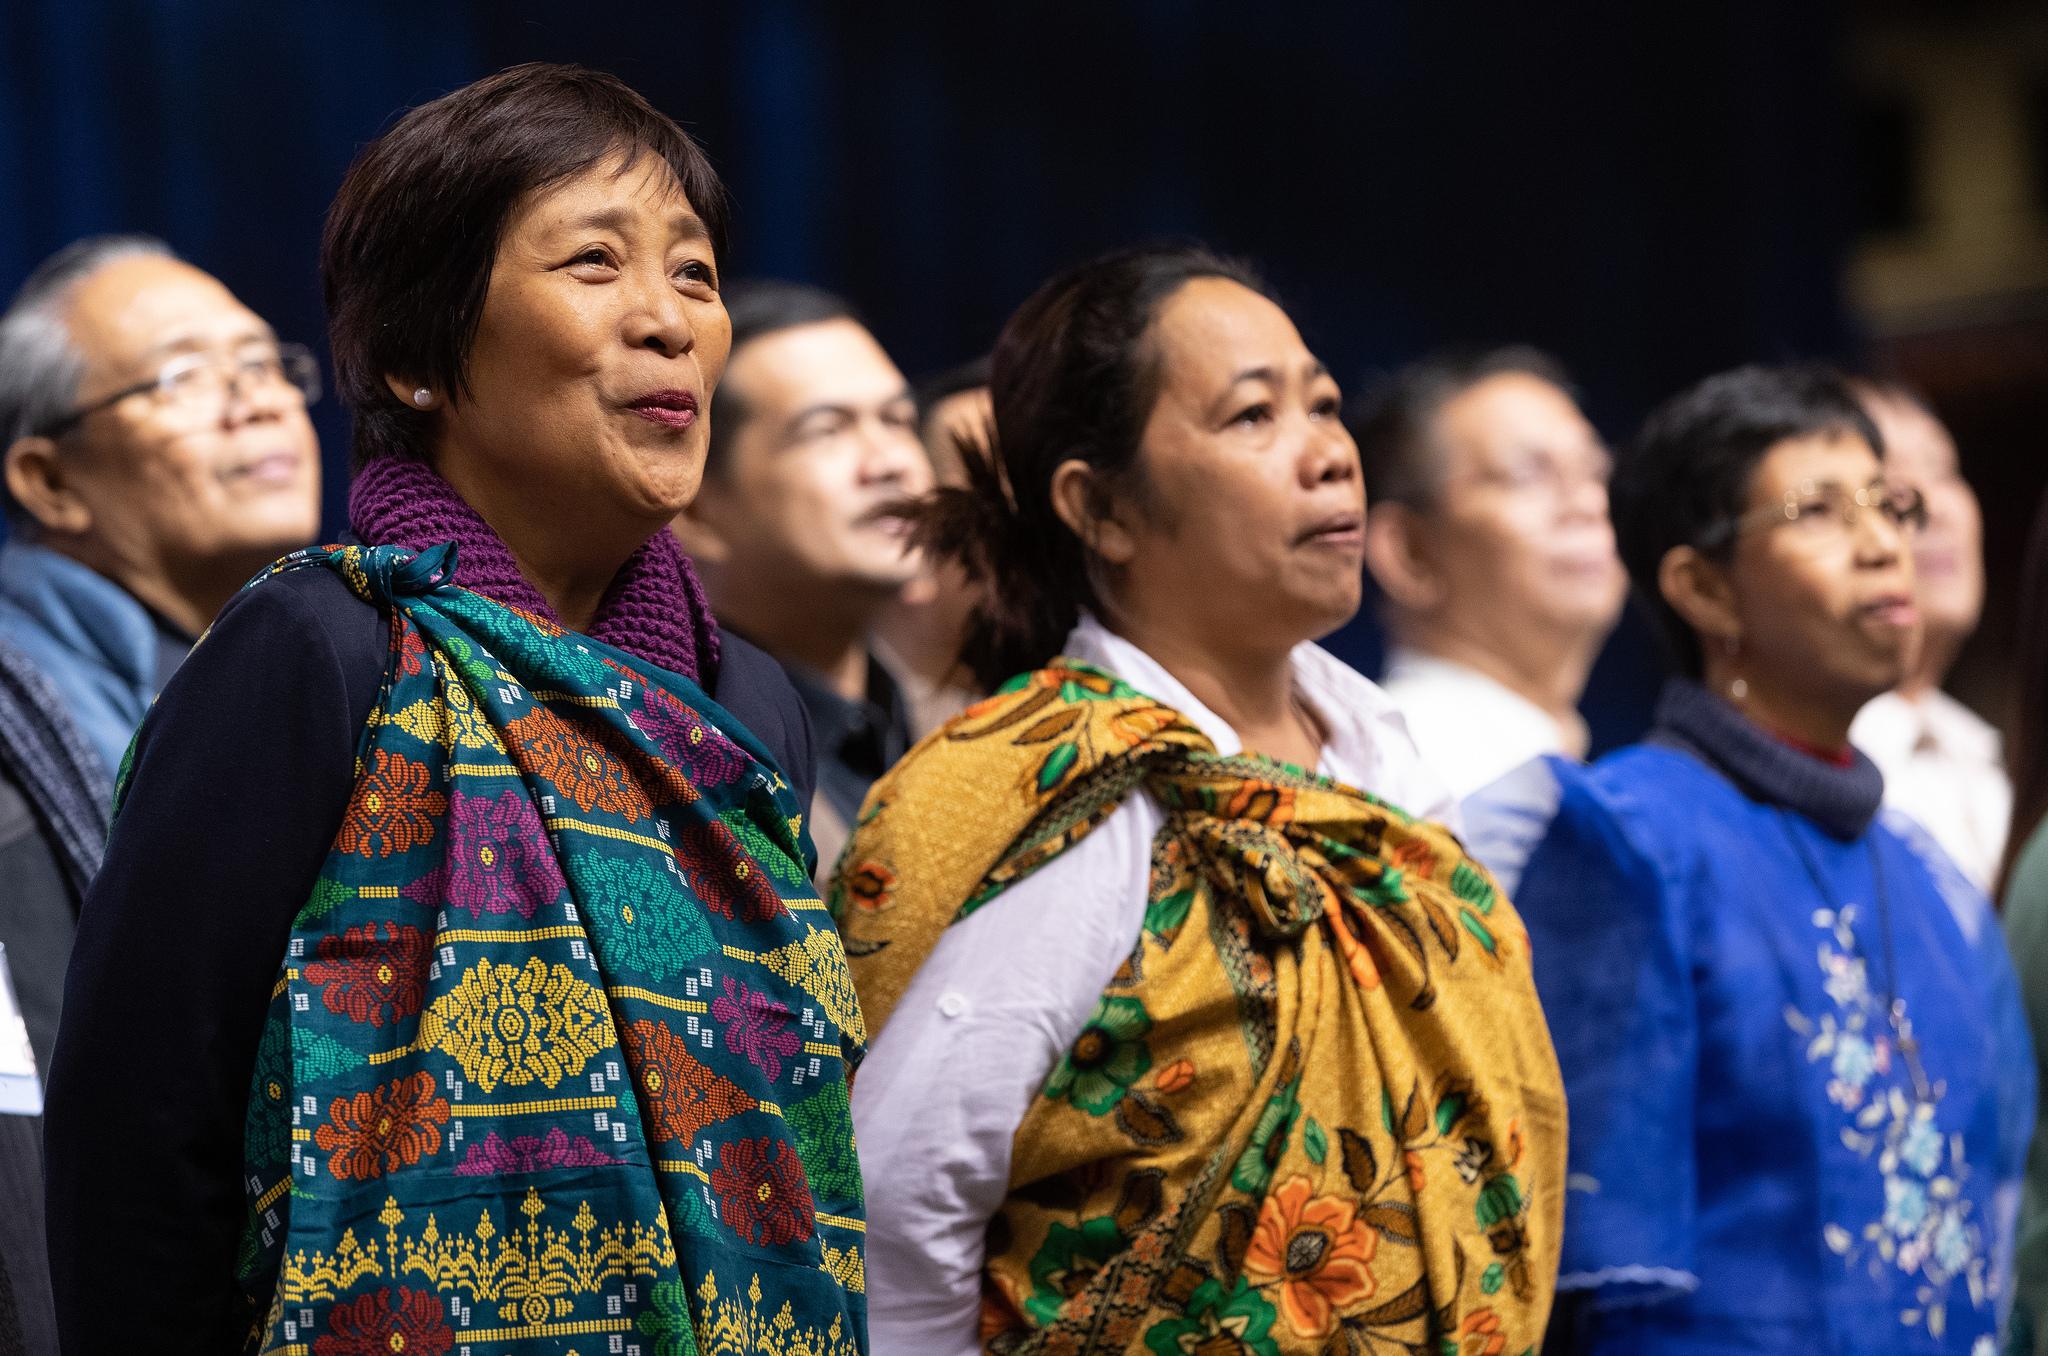 Des délégués de Philippines et de l'Asie du Sud-Est chantent lors d'une journée de prière à la Conférence Générale de l'Eglise Méthodiste Unie de 2019 à Saint-Louis. Photo de Mike DuBose, UMNS.